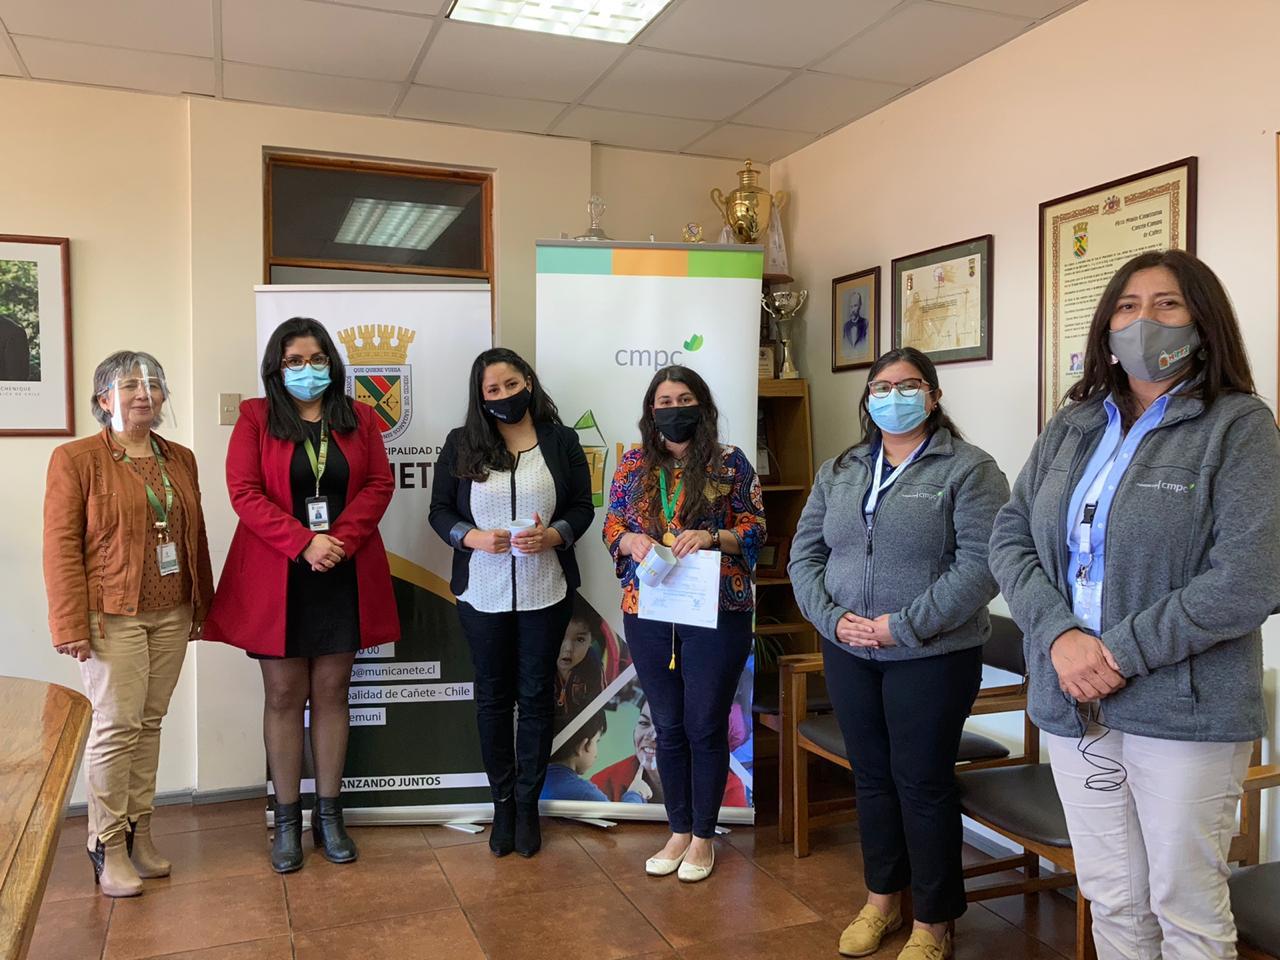 PROGRAMA HIPPY REALIZA ACTIVIDAD DE CIERRE DE AÑO CON FAMILIAS DE CAÑETE